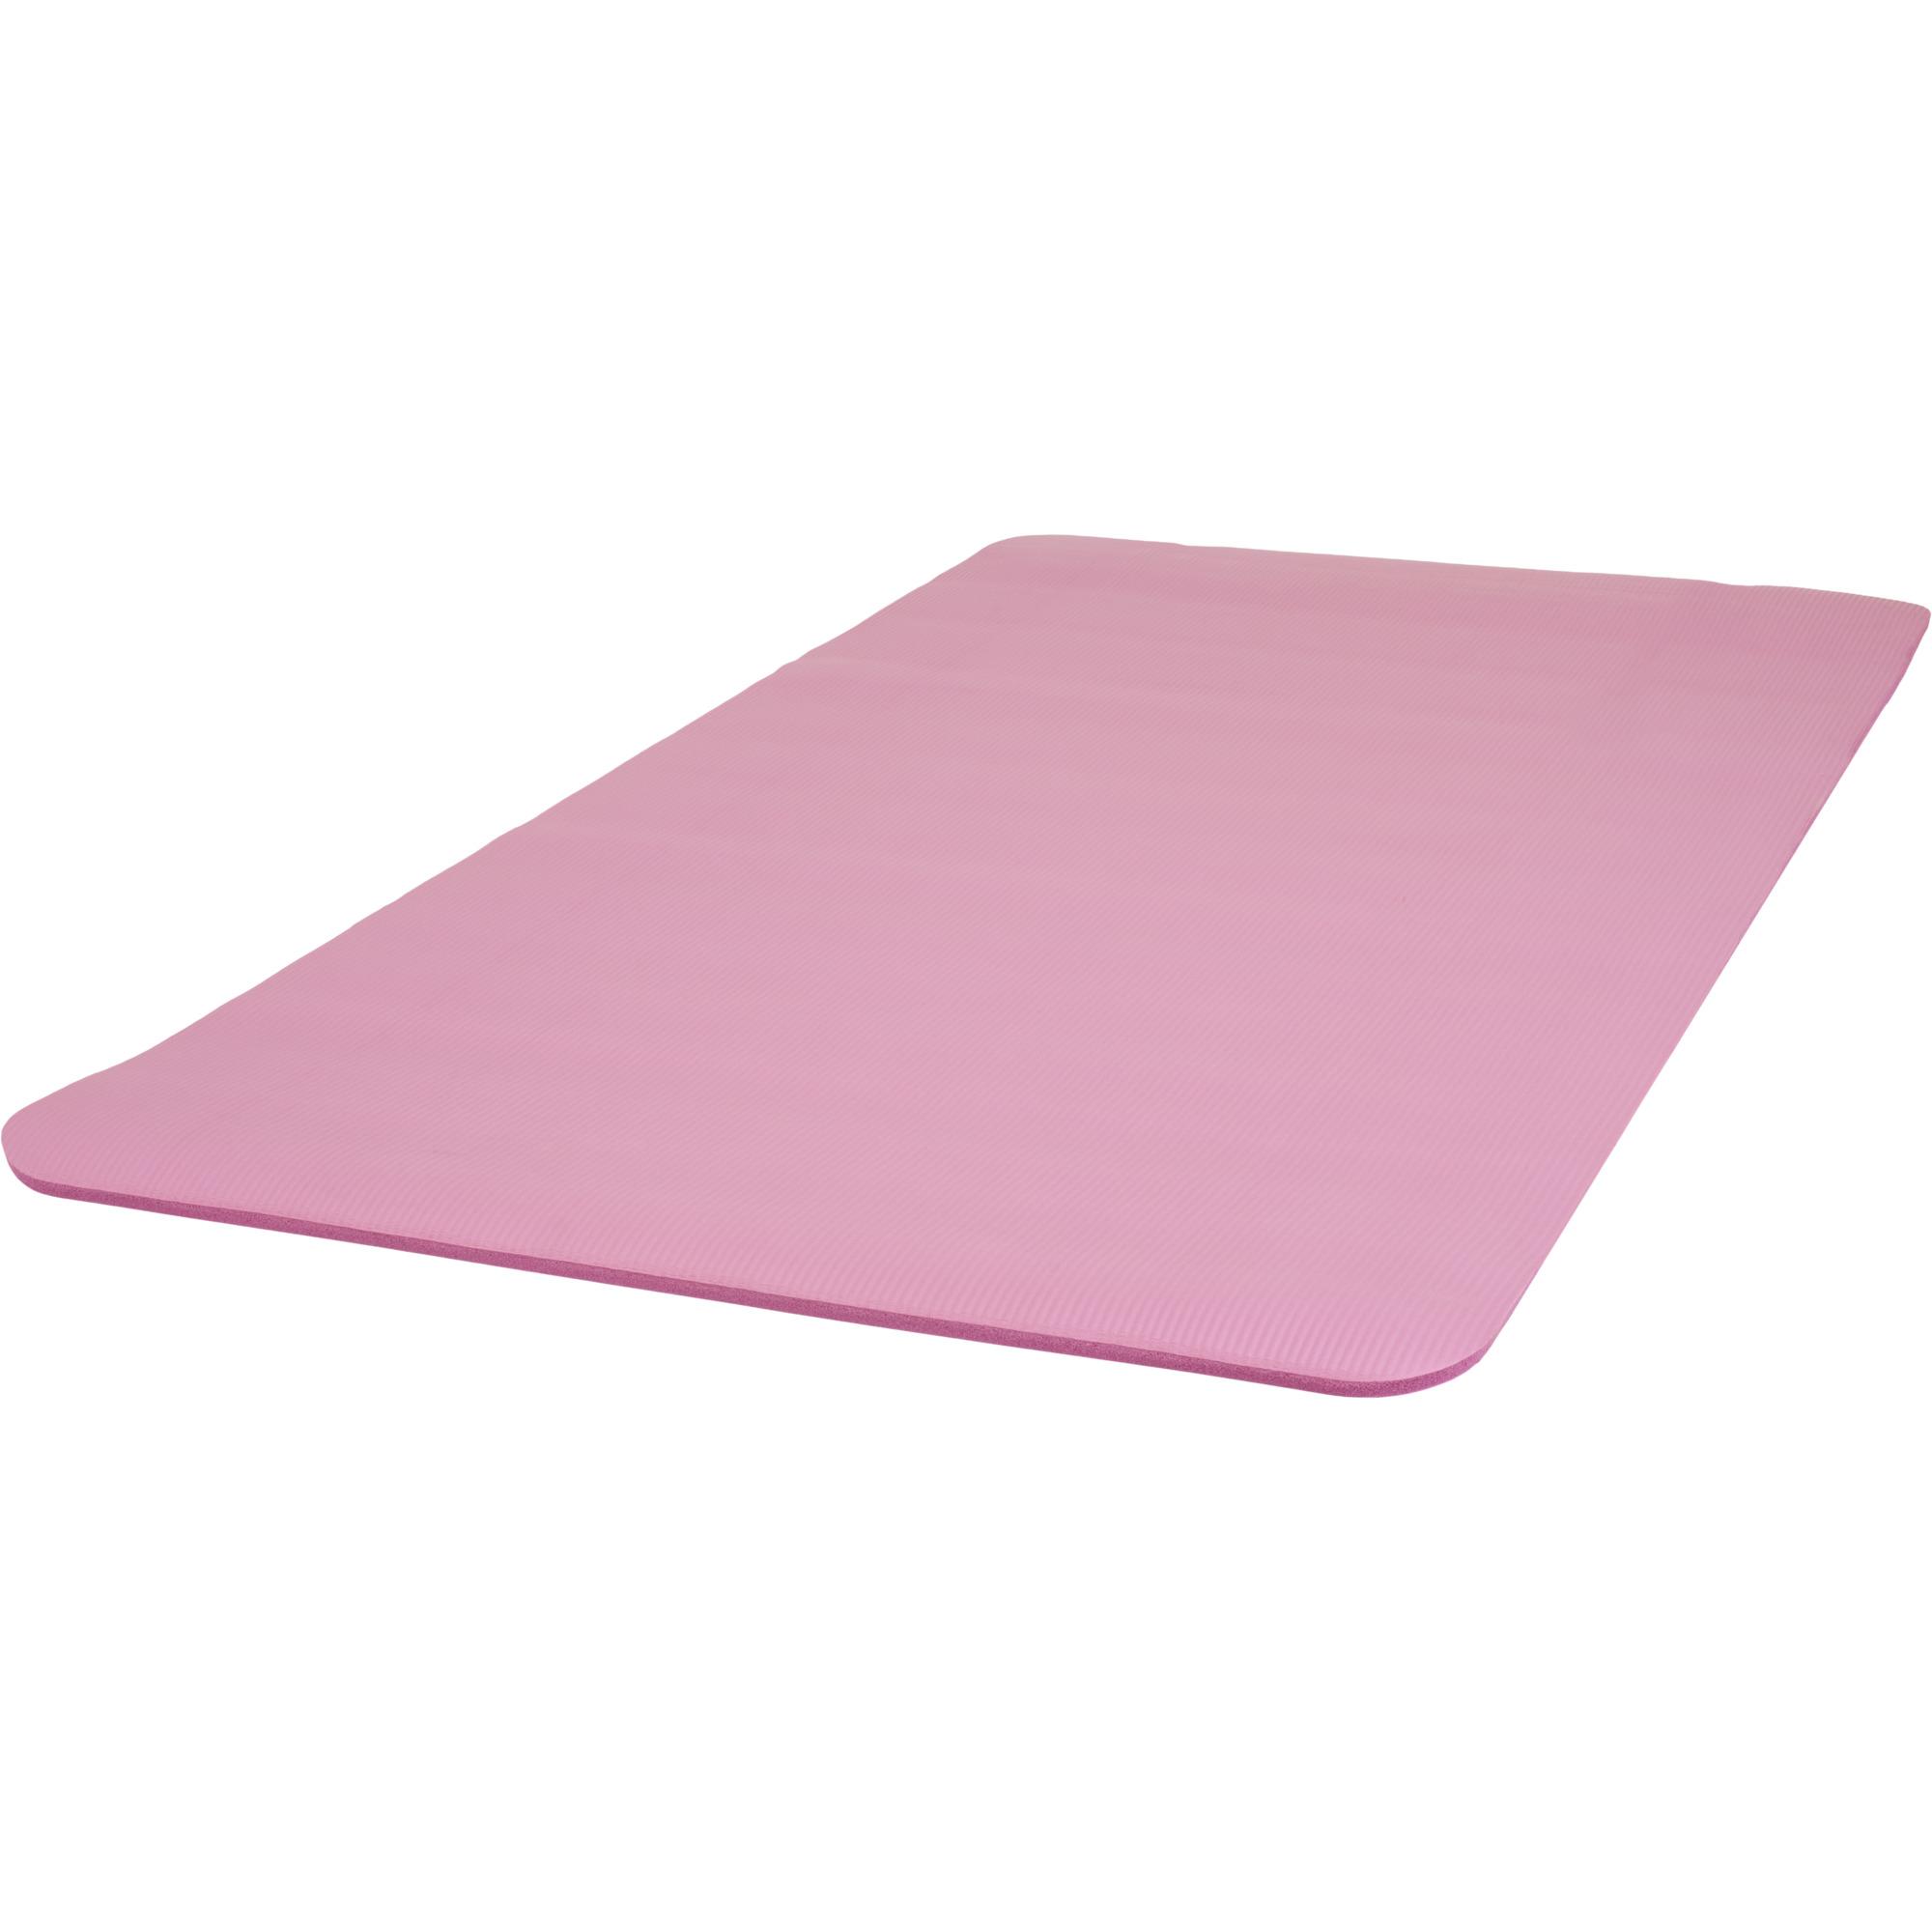 tapis en mousse pour le sport 224 domicile pink tapisfuchsiaxl